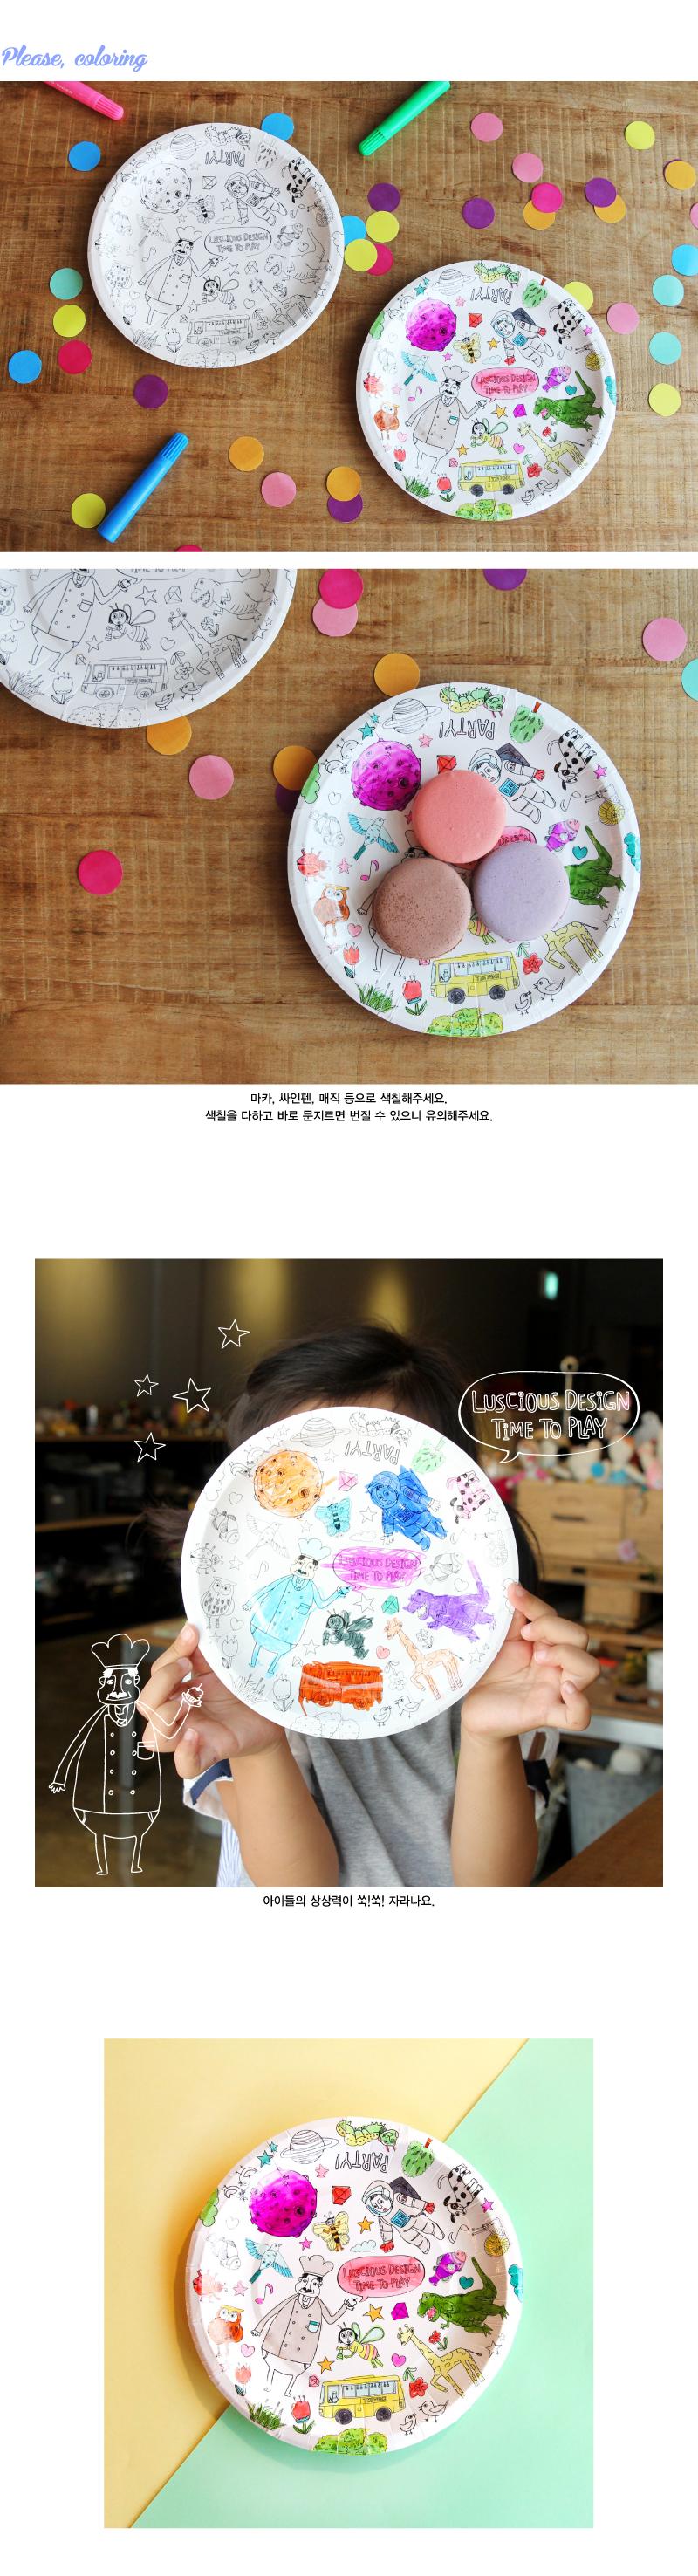 더펀즈 드로잉 접시 10p - 더펀즈, 3,500원, 파티용품, 식기/테이블/세트